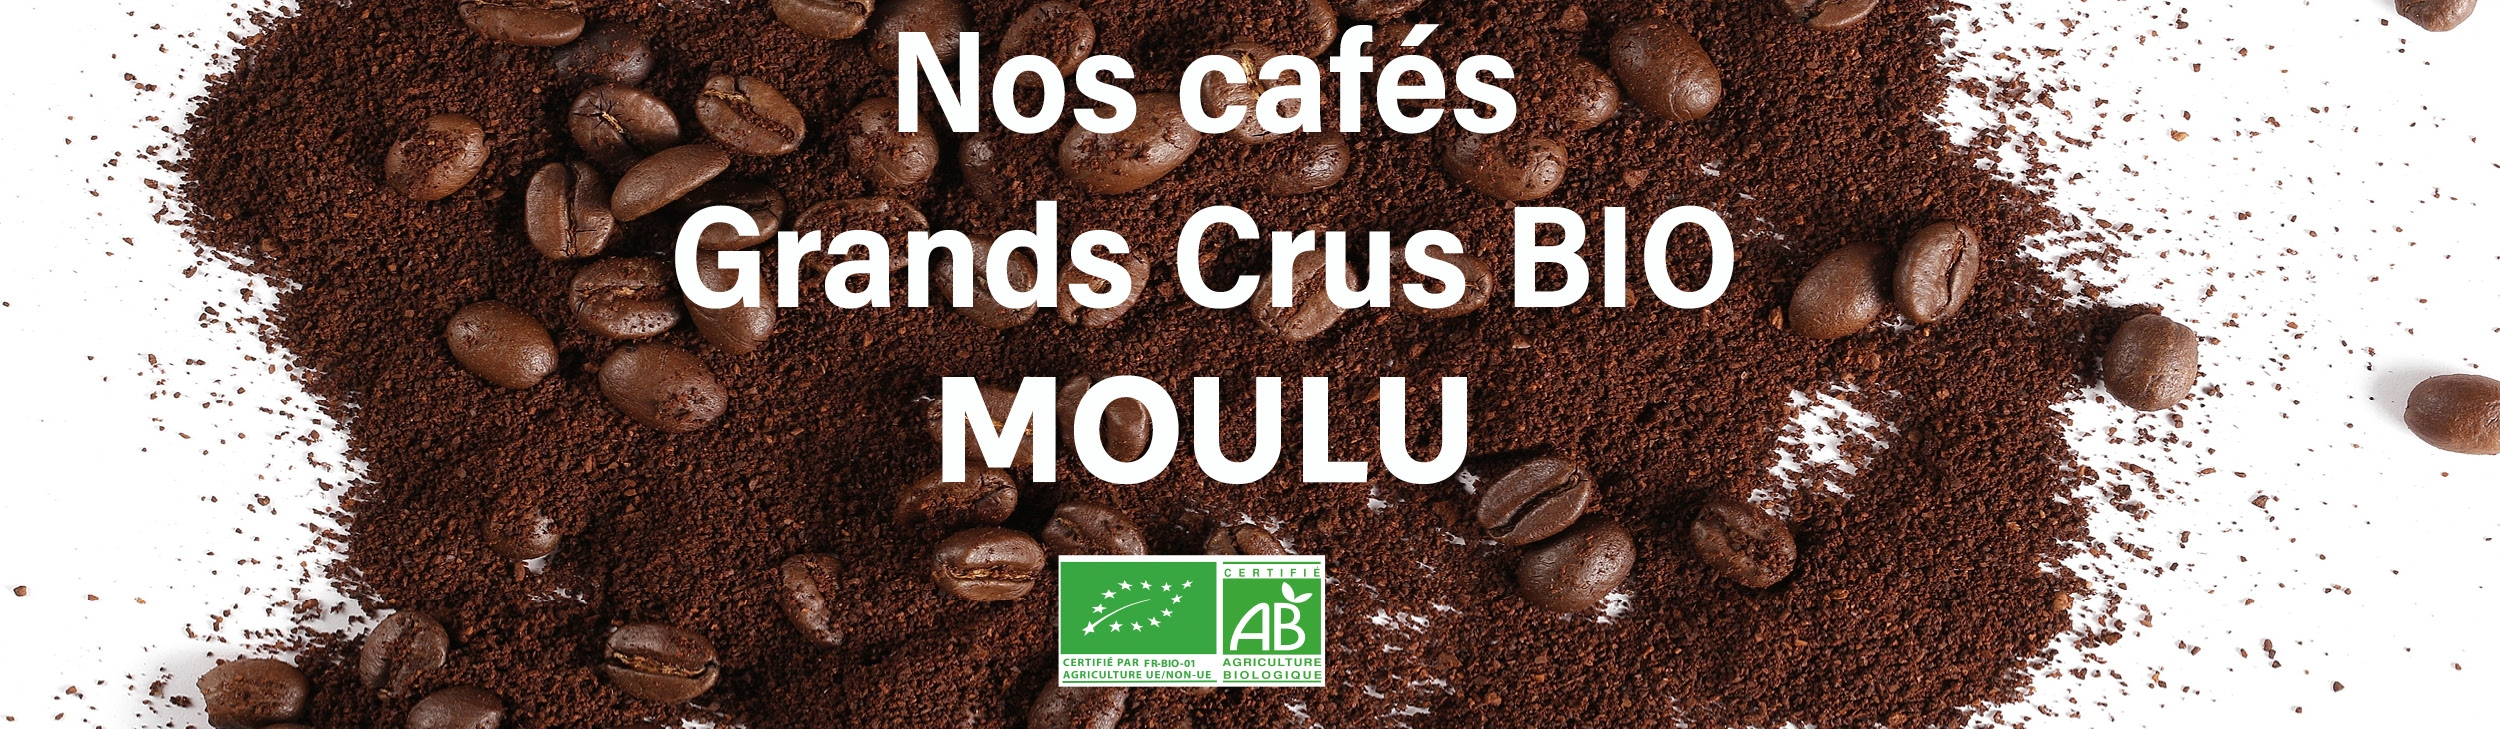 Café Moulu BIO